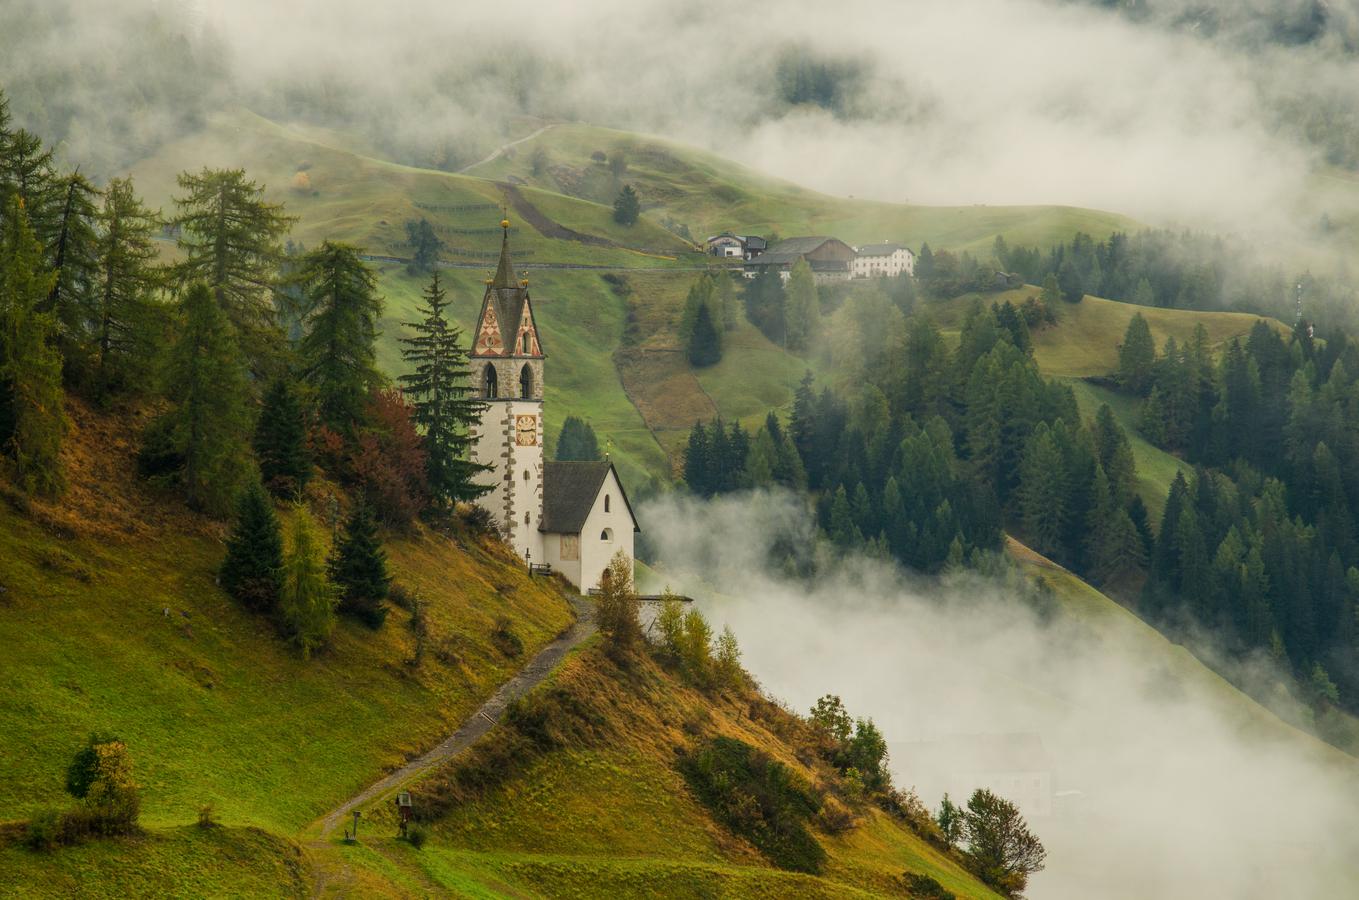 Kostelík v podzimní mlze